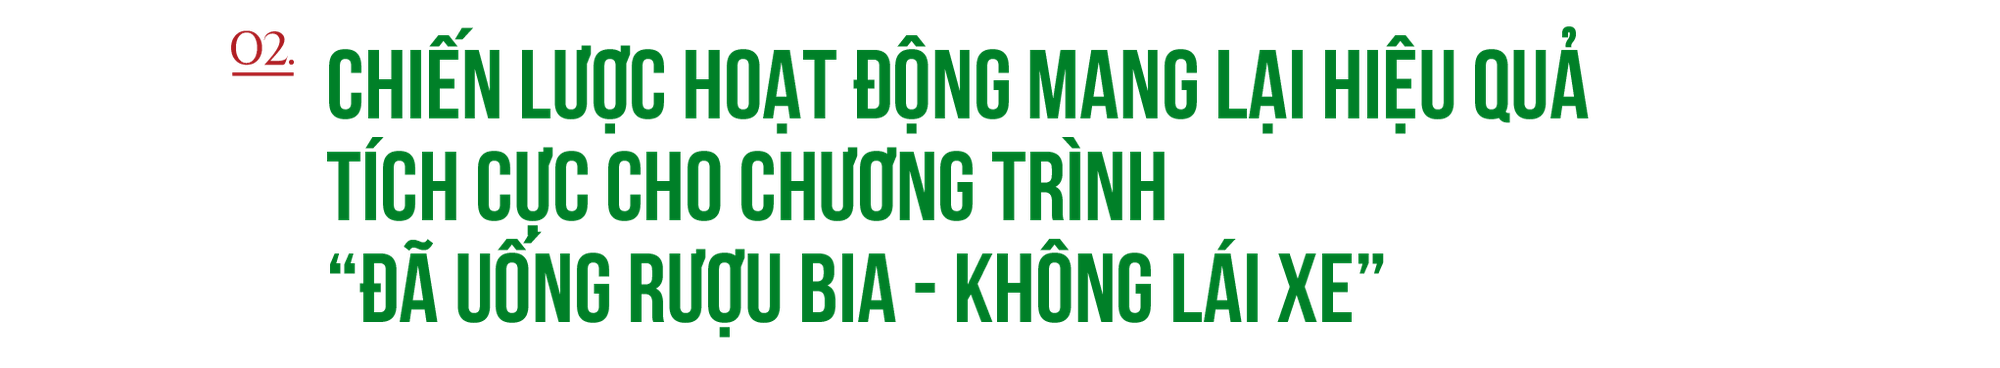 Người tiêu dùng Việt chung tay cùng Heineken® cam kết Đã uống rượu bia - Không lái xe: Từ lời nói đến hành động - Ảnh 3.